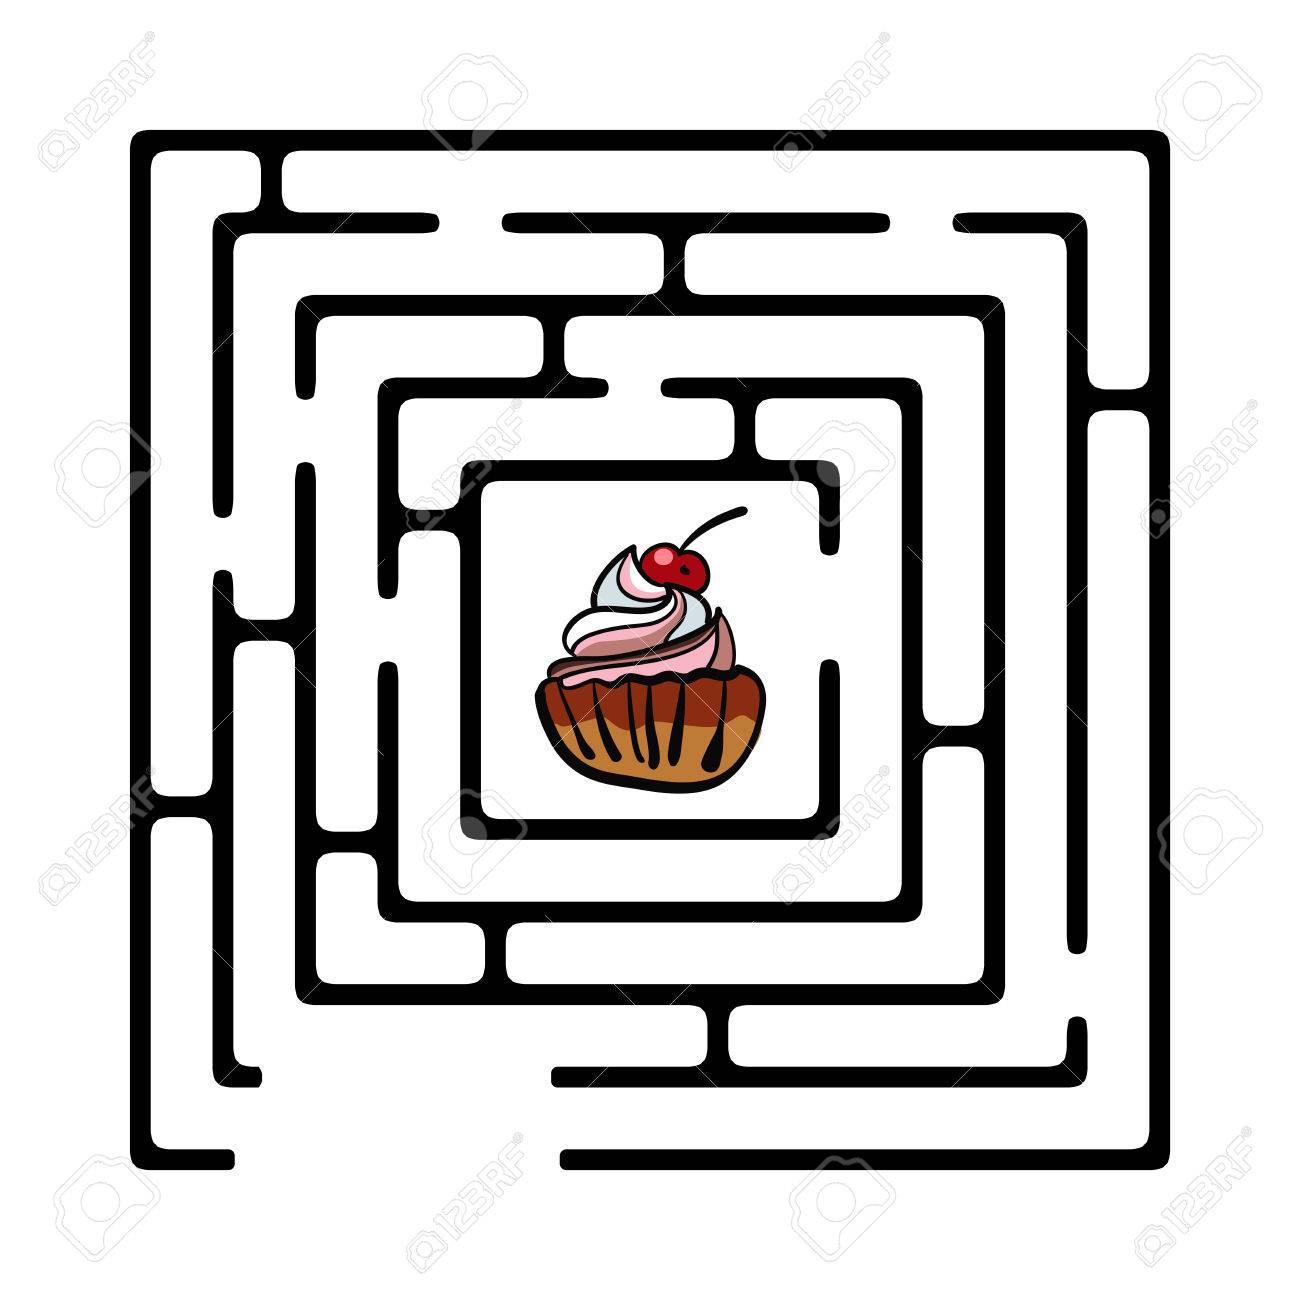 カップケーキの簡単な迷路のイラストのイラスト素材 ベクタ Image